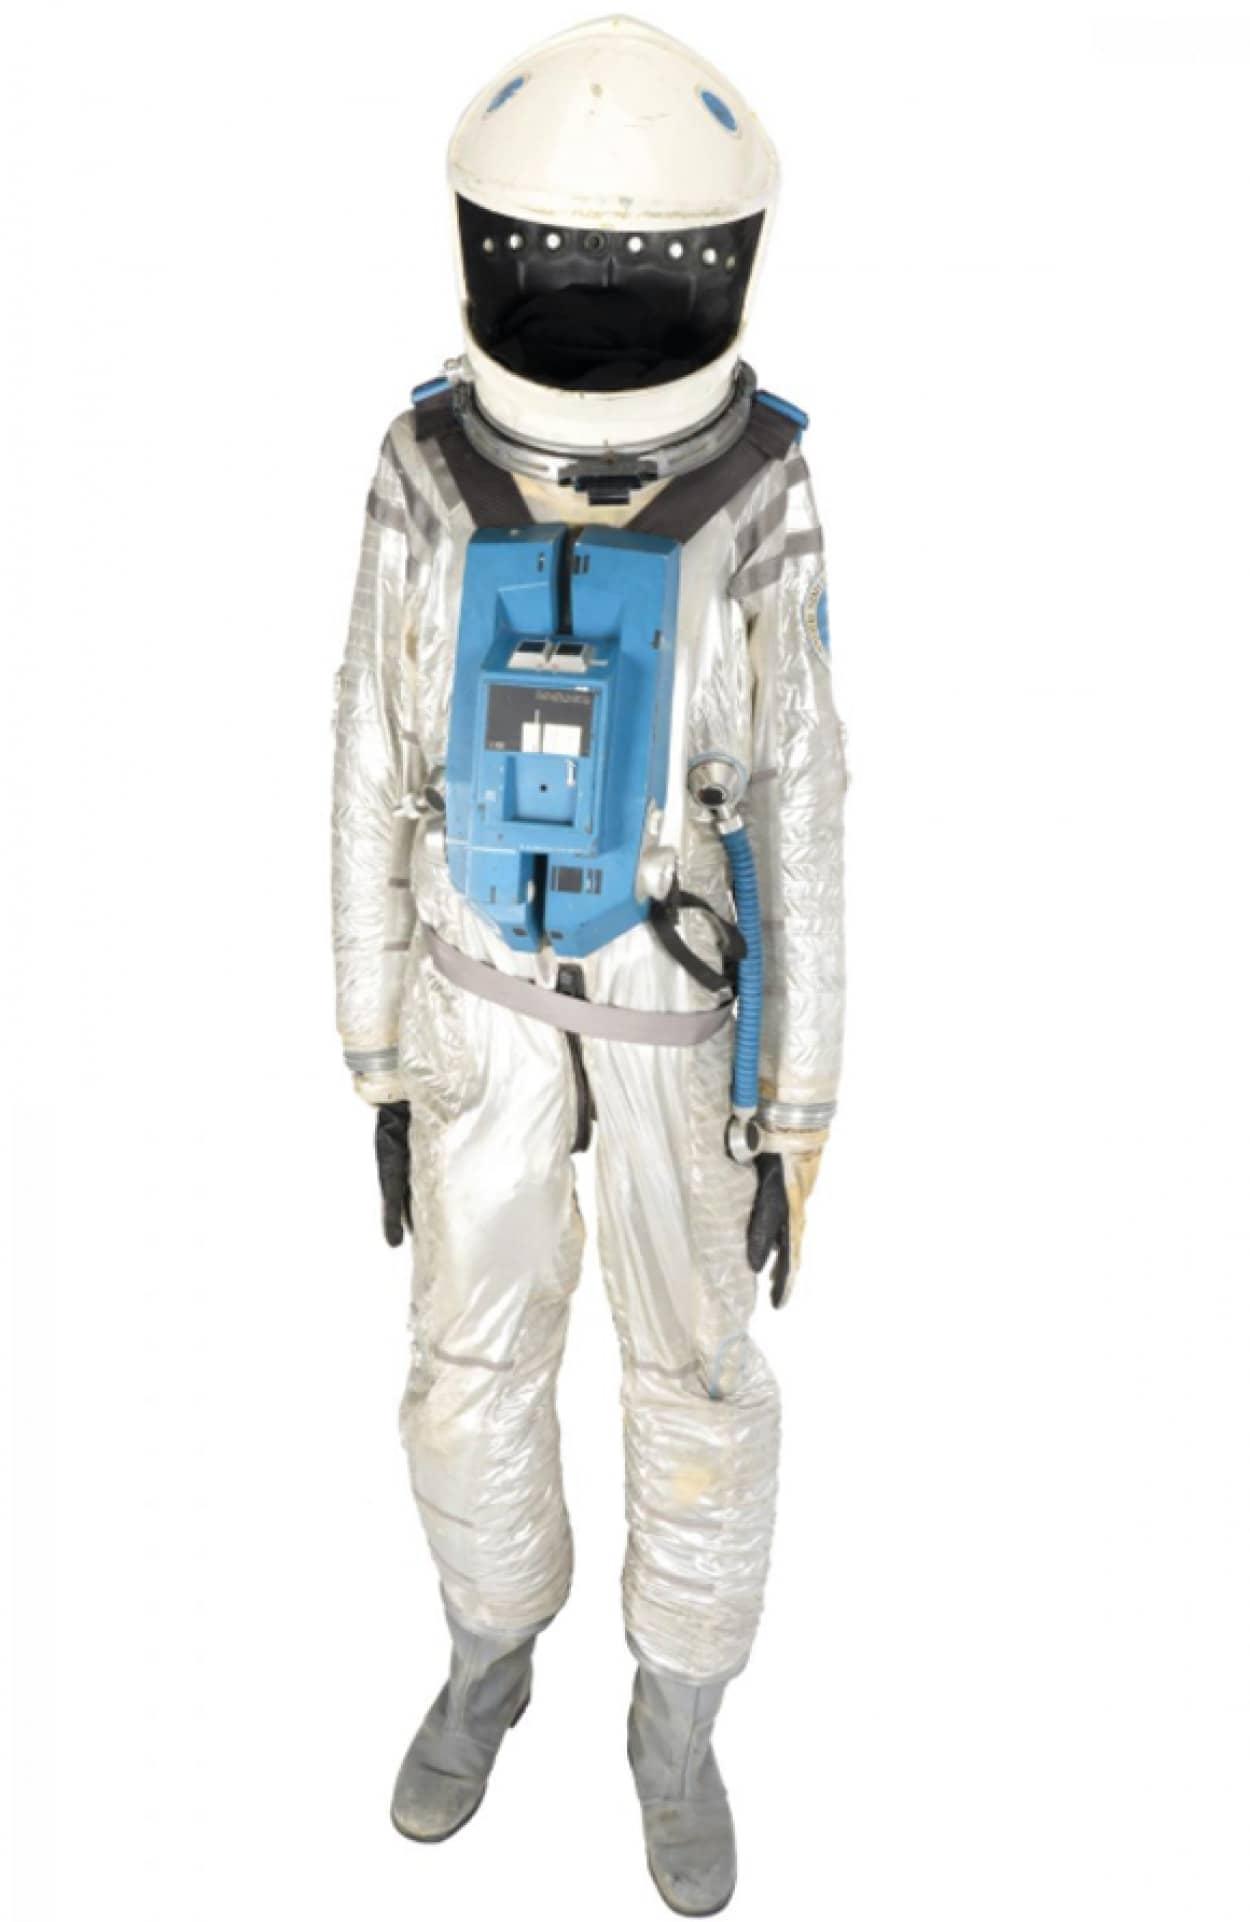 2001年宇宙の旅の宇宙服がオークションに出品